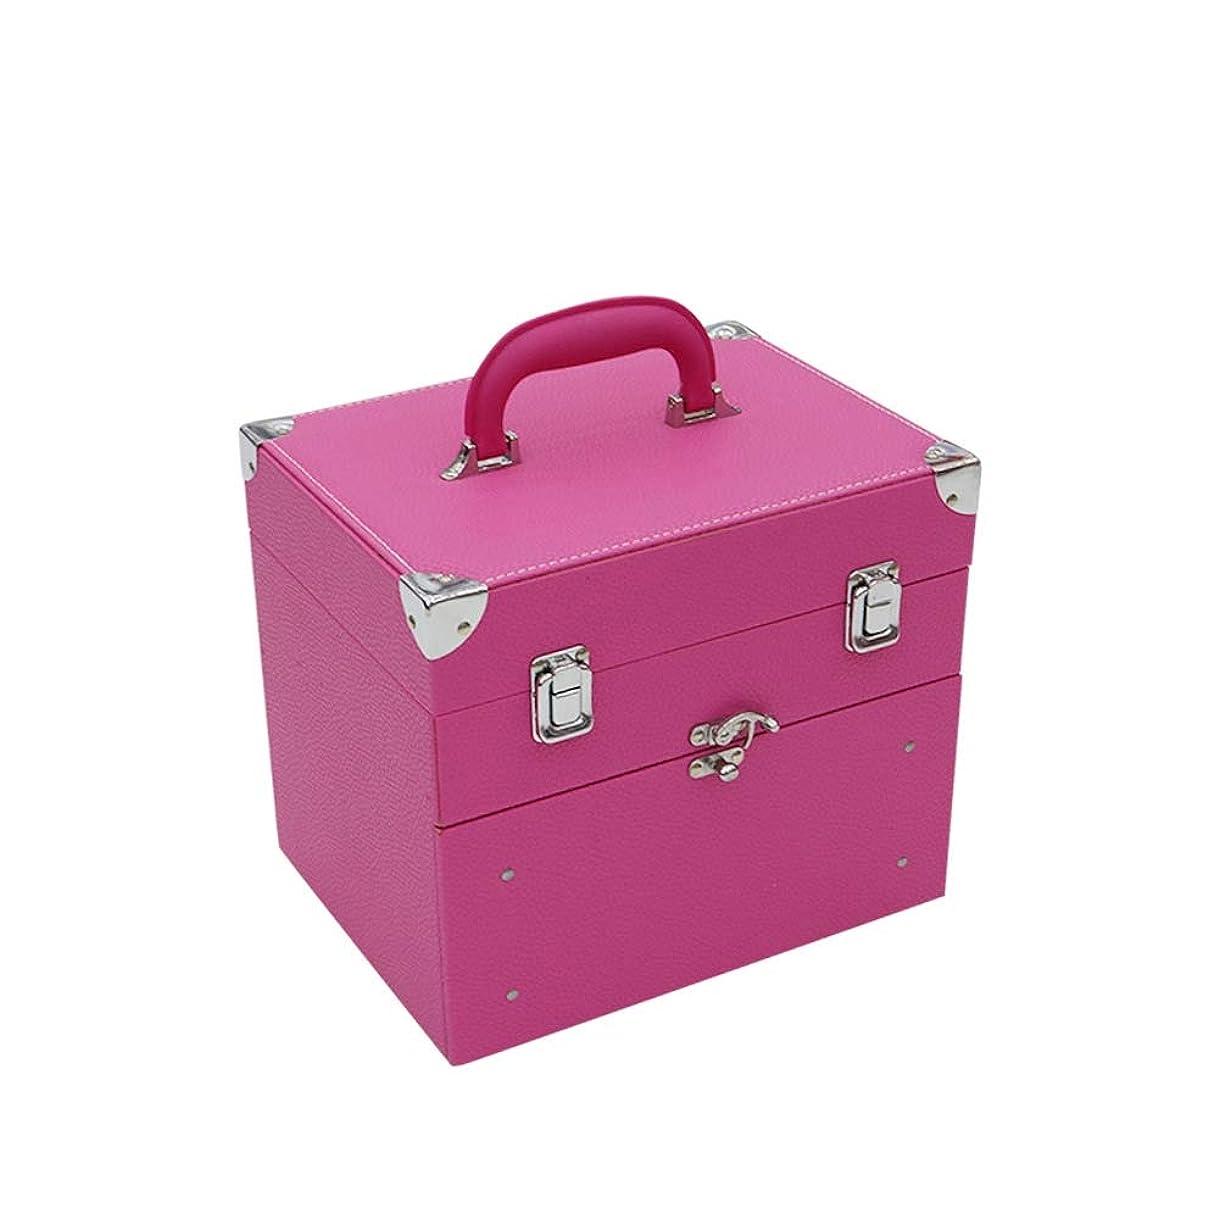 日食の頭の上蚊2層メイクボックス ネイルボックス 大容量 プロ用 化粧品収納 小物入り 引き出し付き ロック付き ピンク おしゃれ 手提げ付き クラシック 持ち運び便利 アウトドア